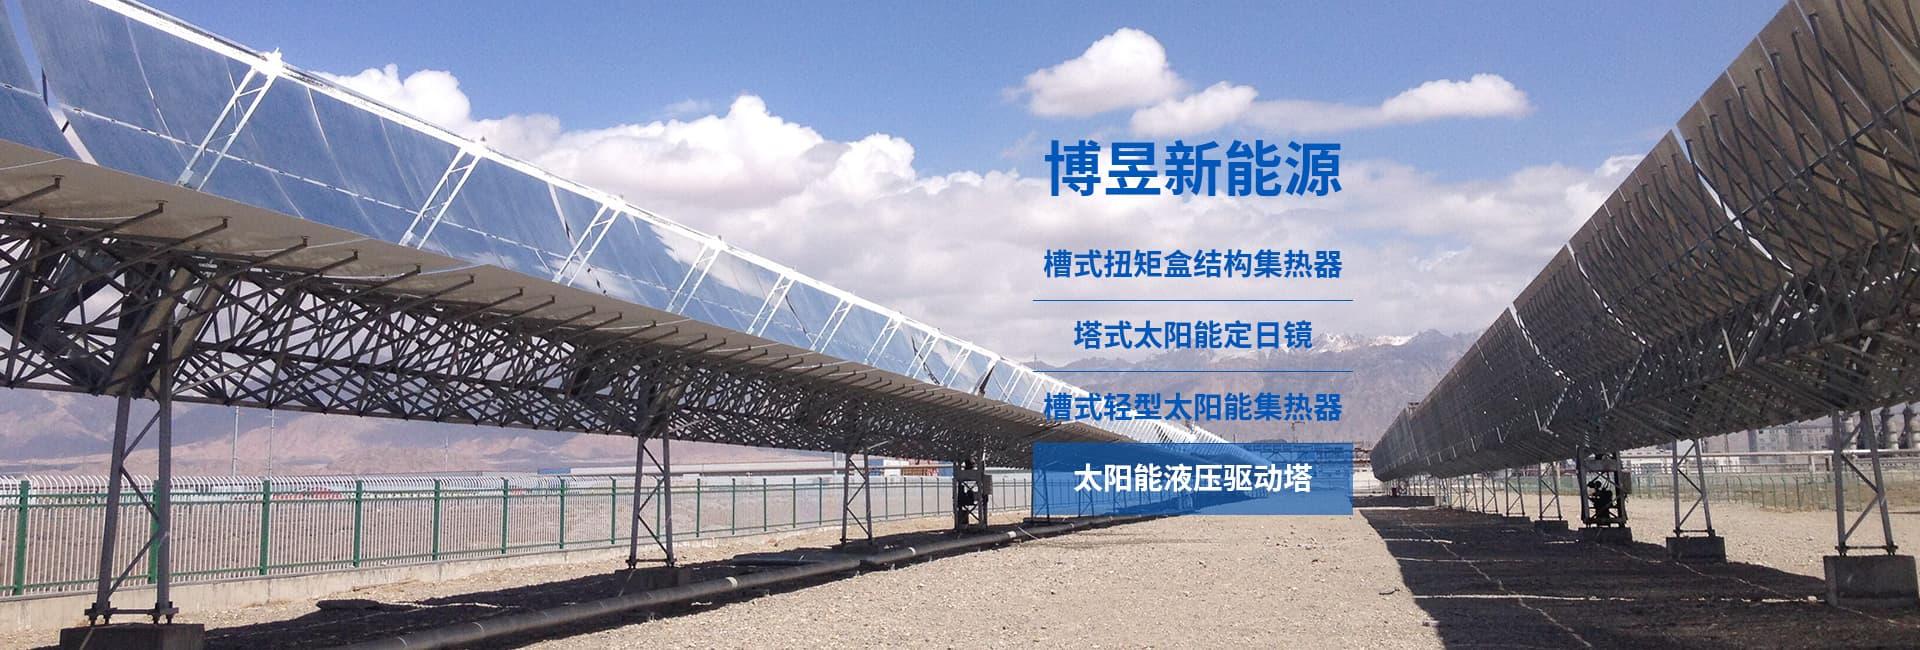 西藏槽式太阳能集热器